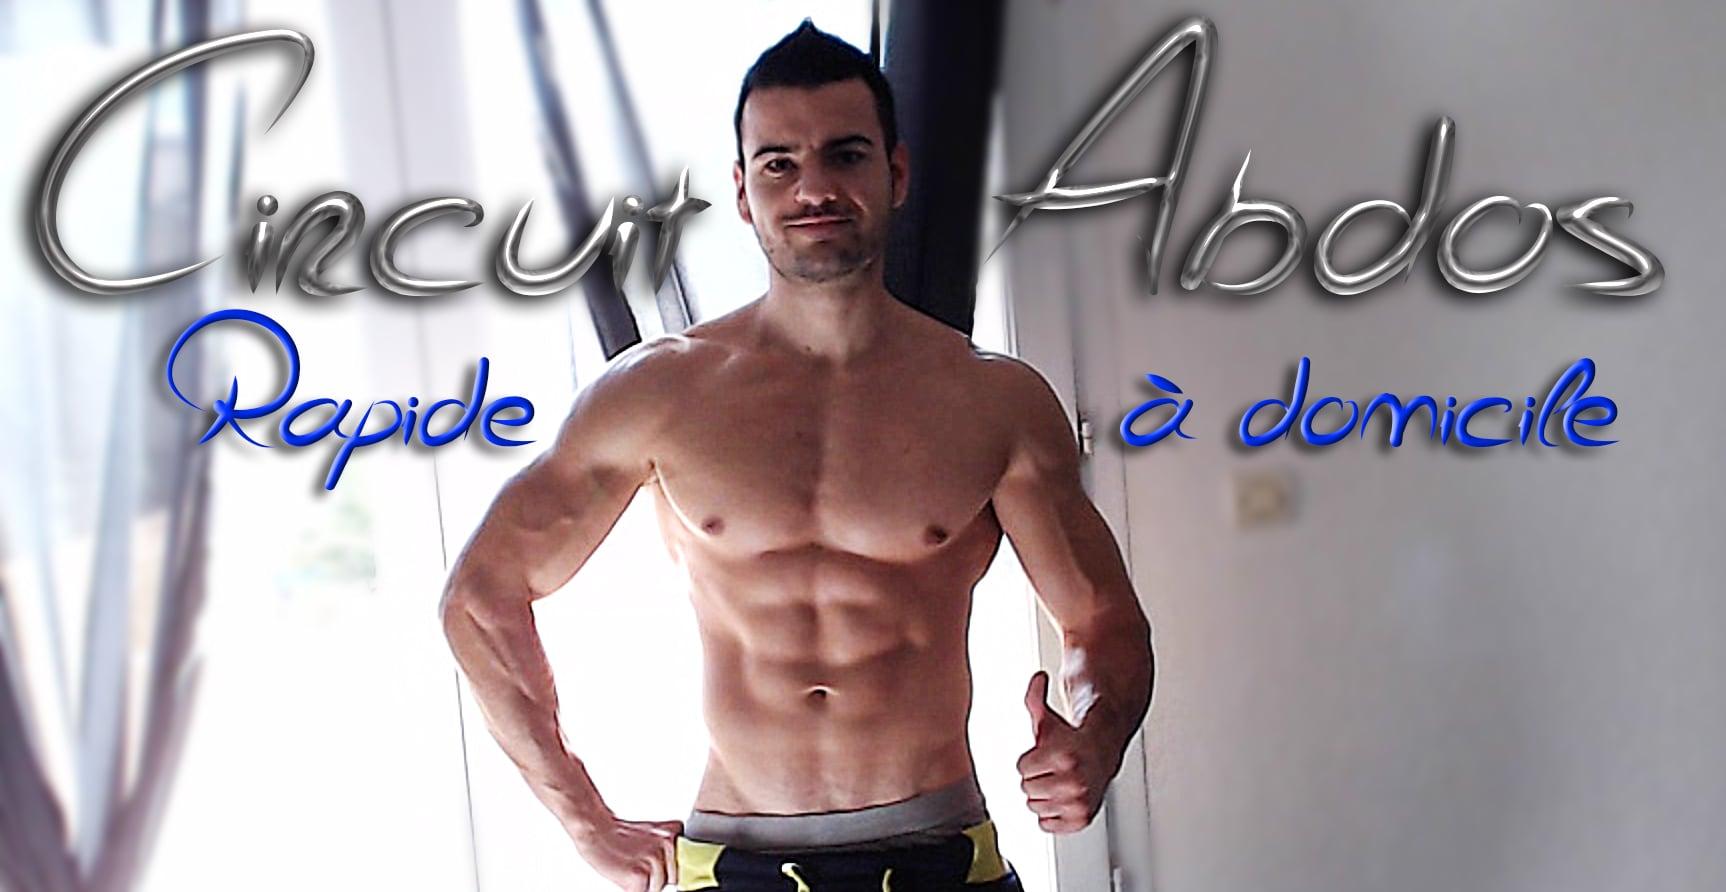 Abdominaux exercices musculation à domicile